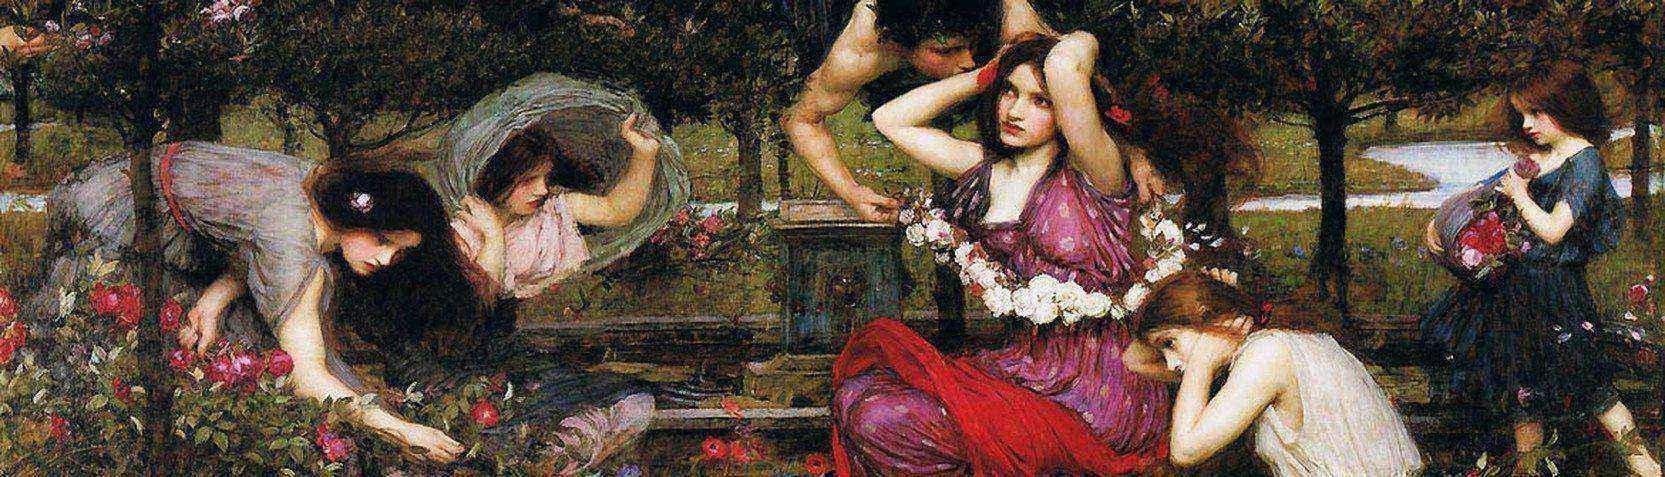 Künstler - John William Waterhouse